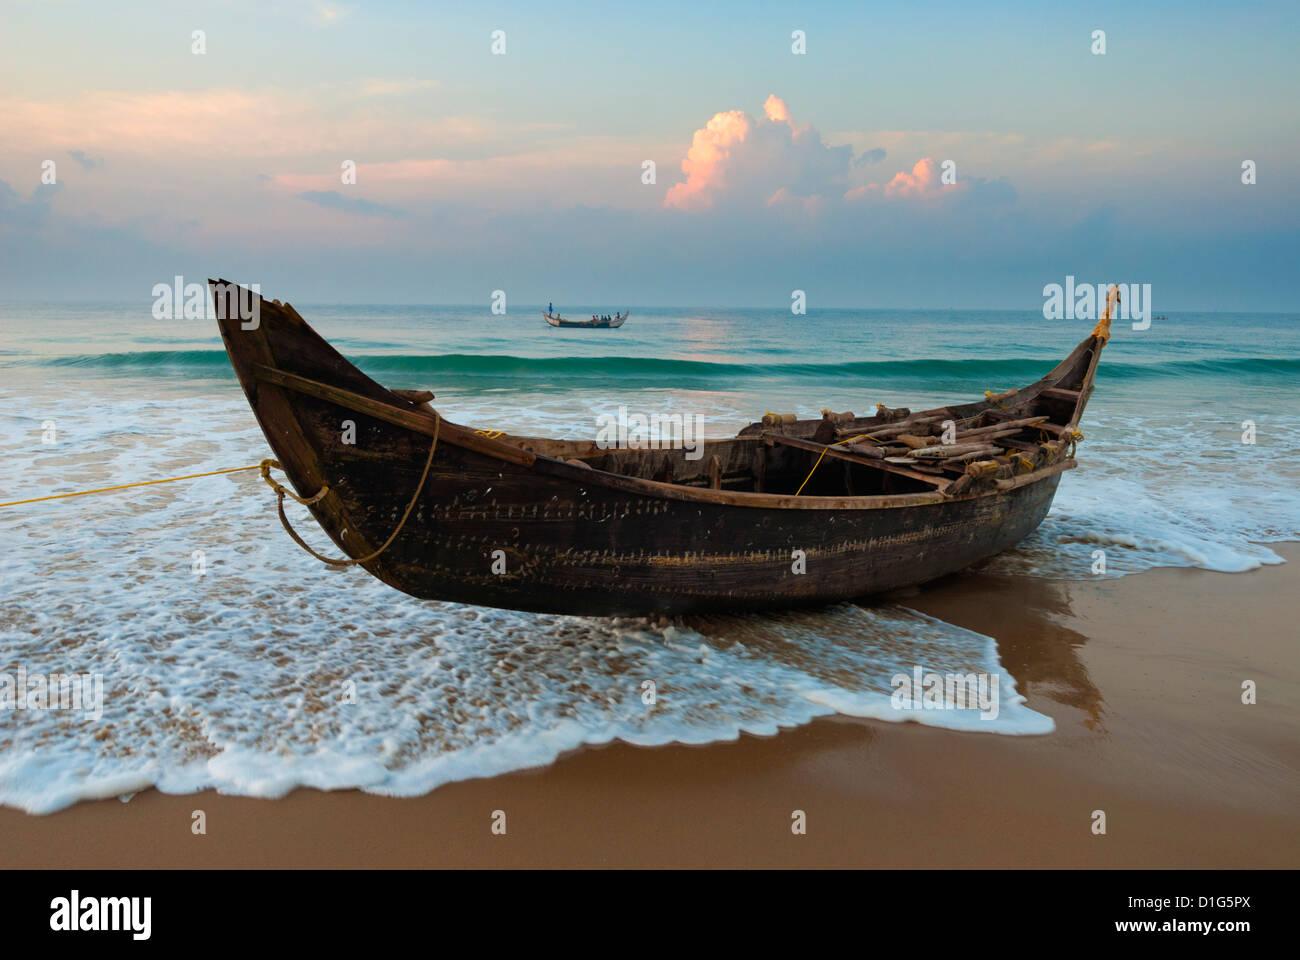 Barco de pesca tradicional en la línea de marea, Chowara, cerca de la playa de Kovalam, Kerala, India, Asia Imagen De Stock